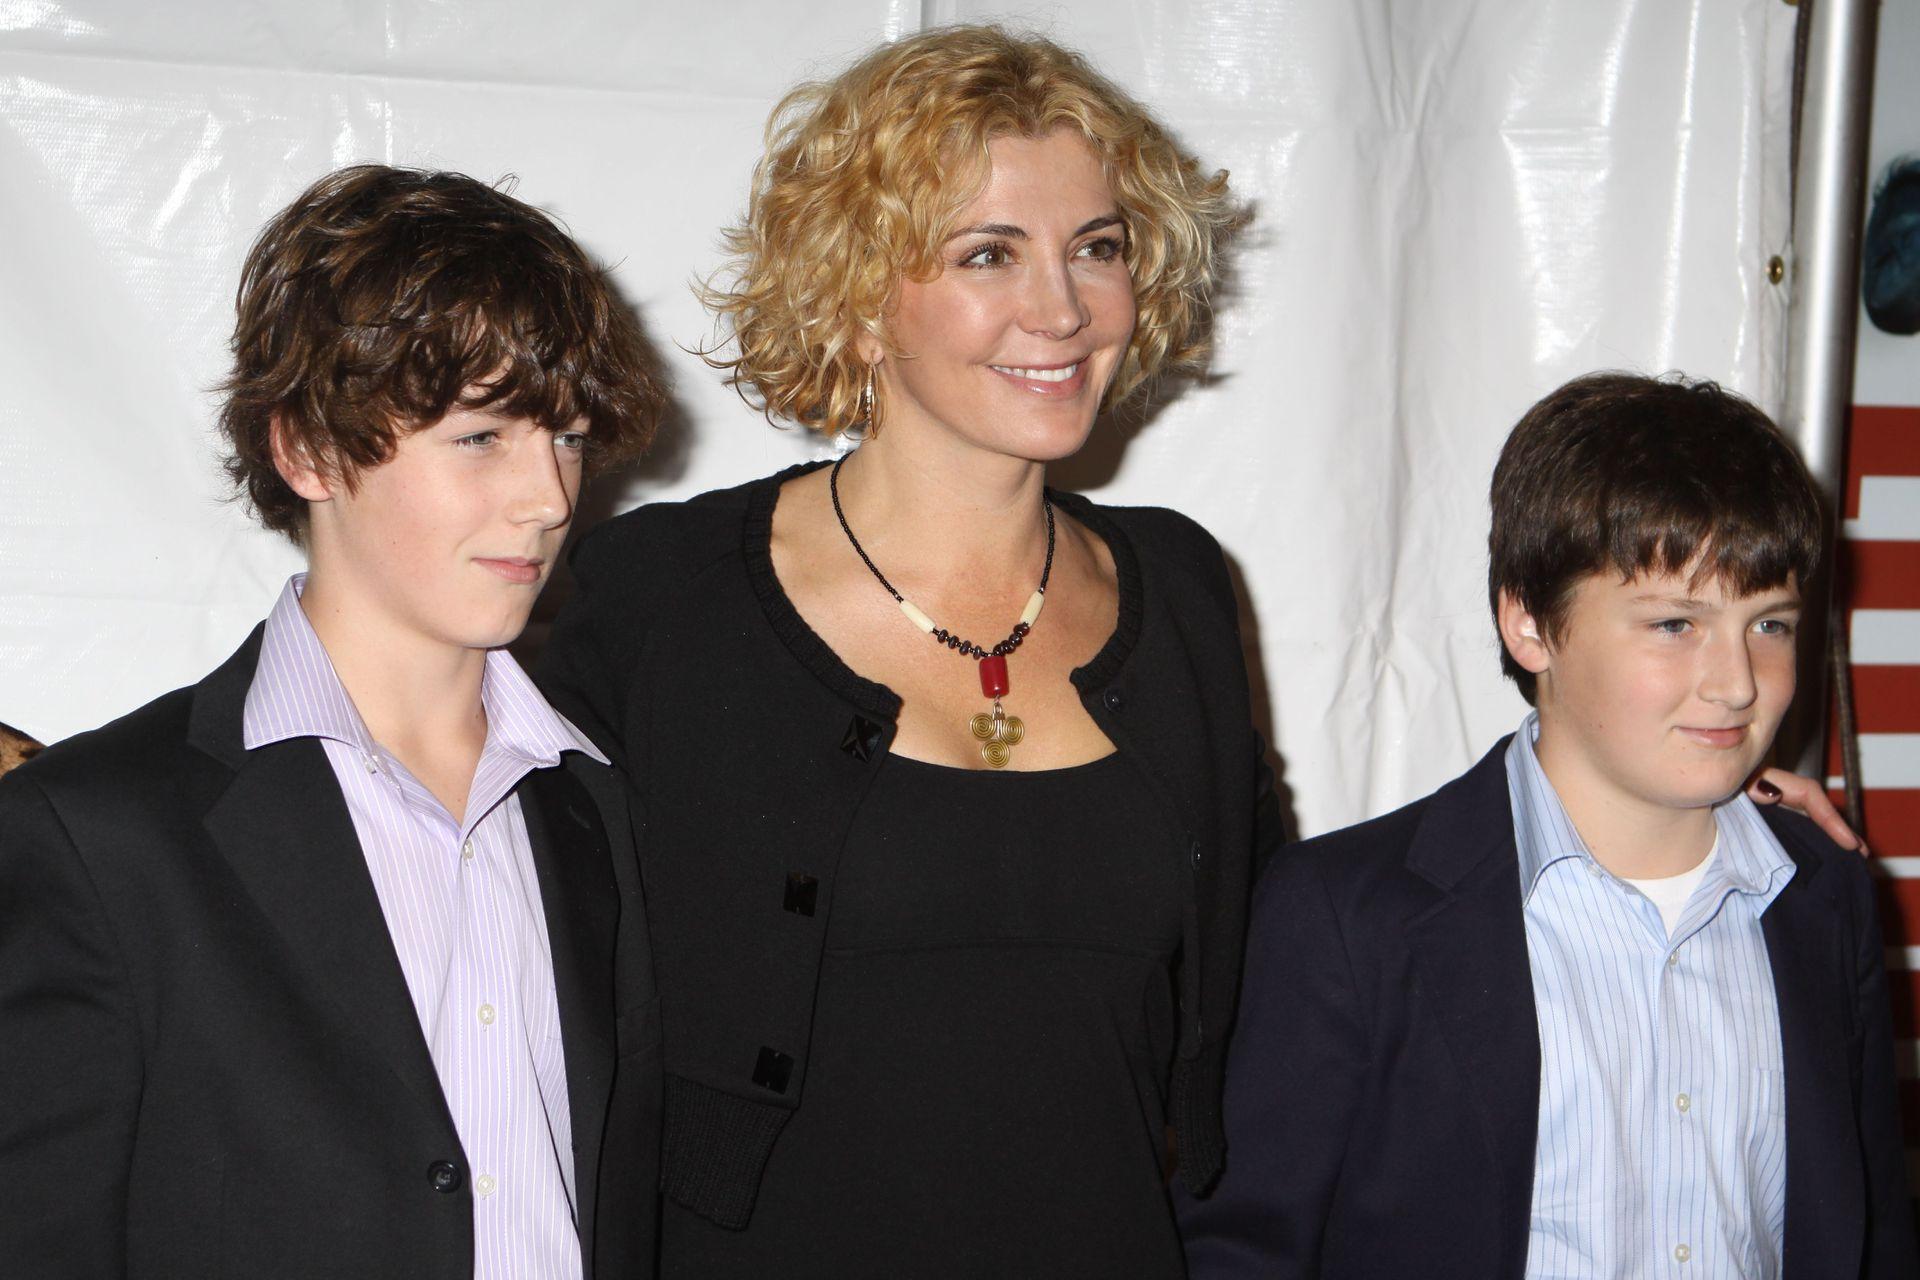 Natasha junto a sus hijos, Micheál y Daniel